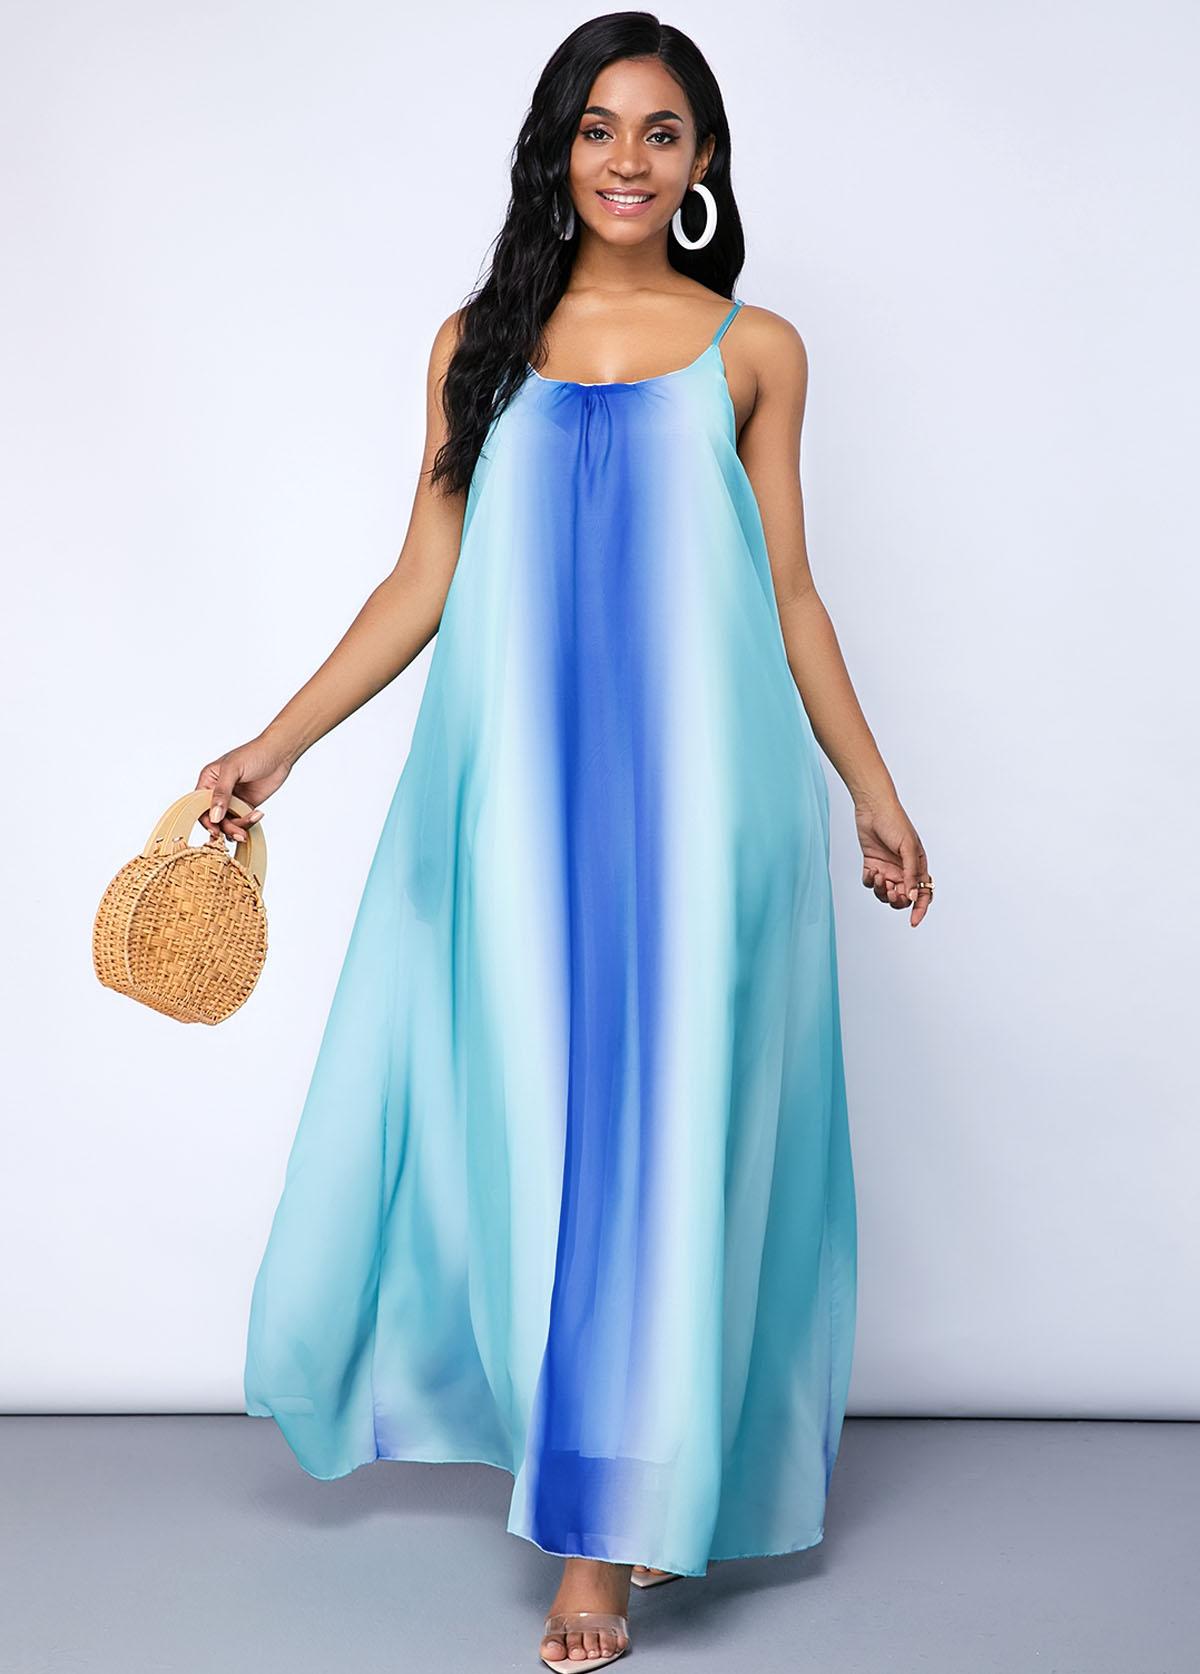 Tie Dye Print Spaghetti Strap Pocket Maxi Dress